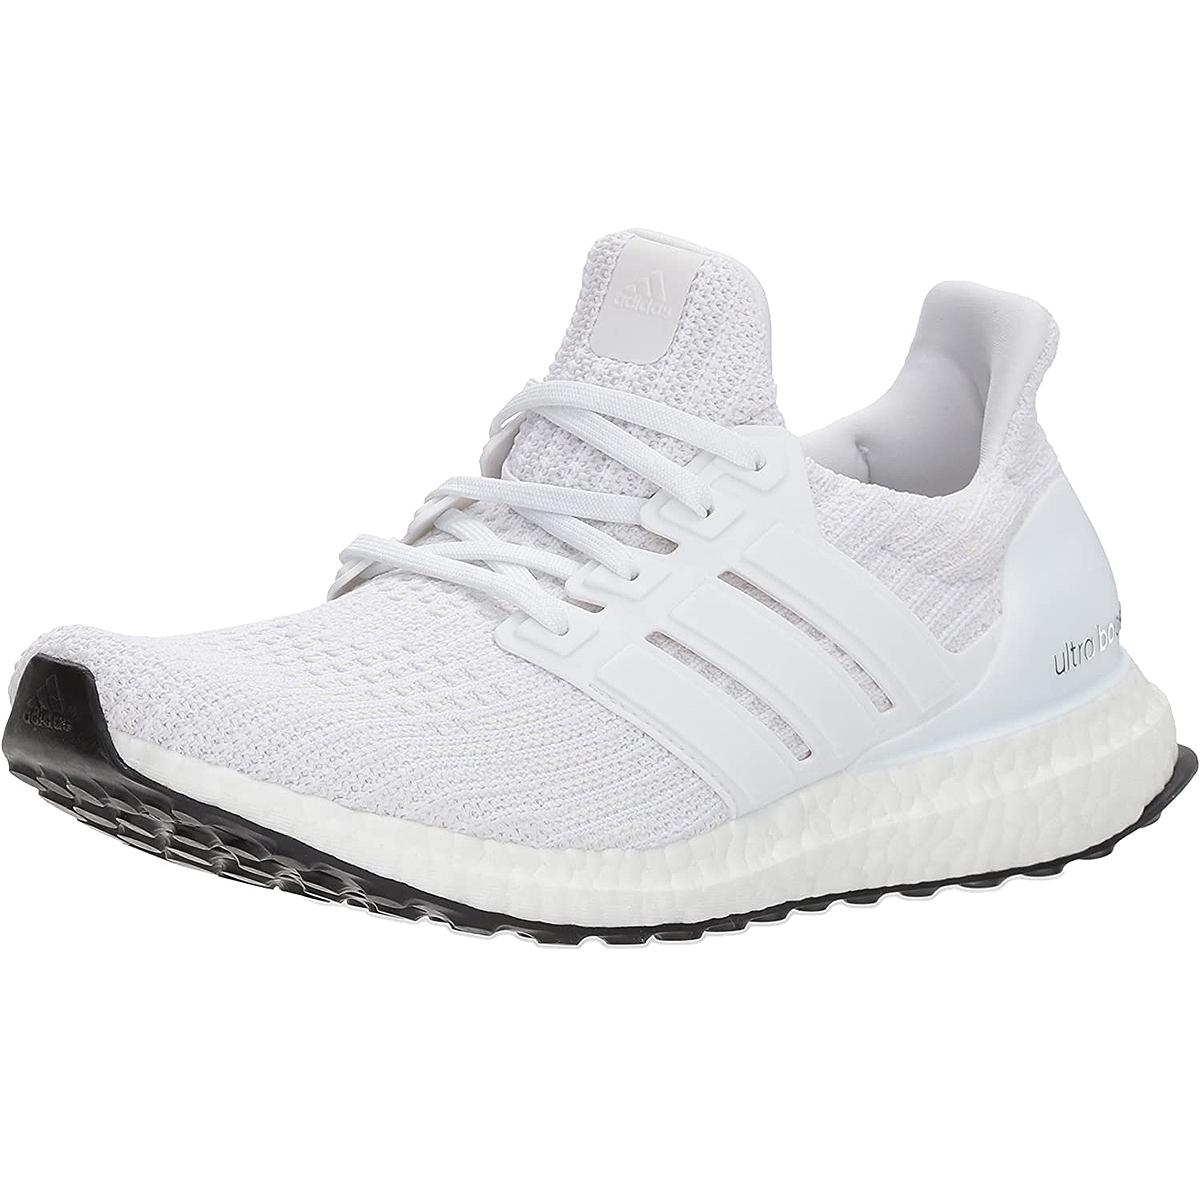 adidas-ultraboost-sneaker